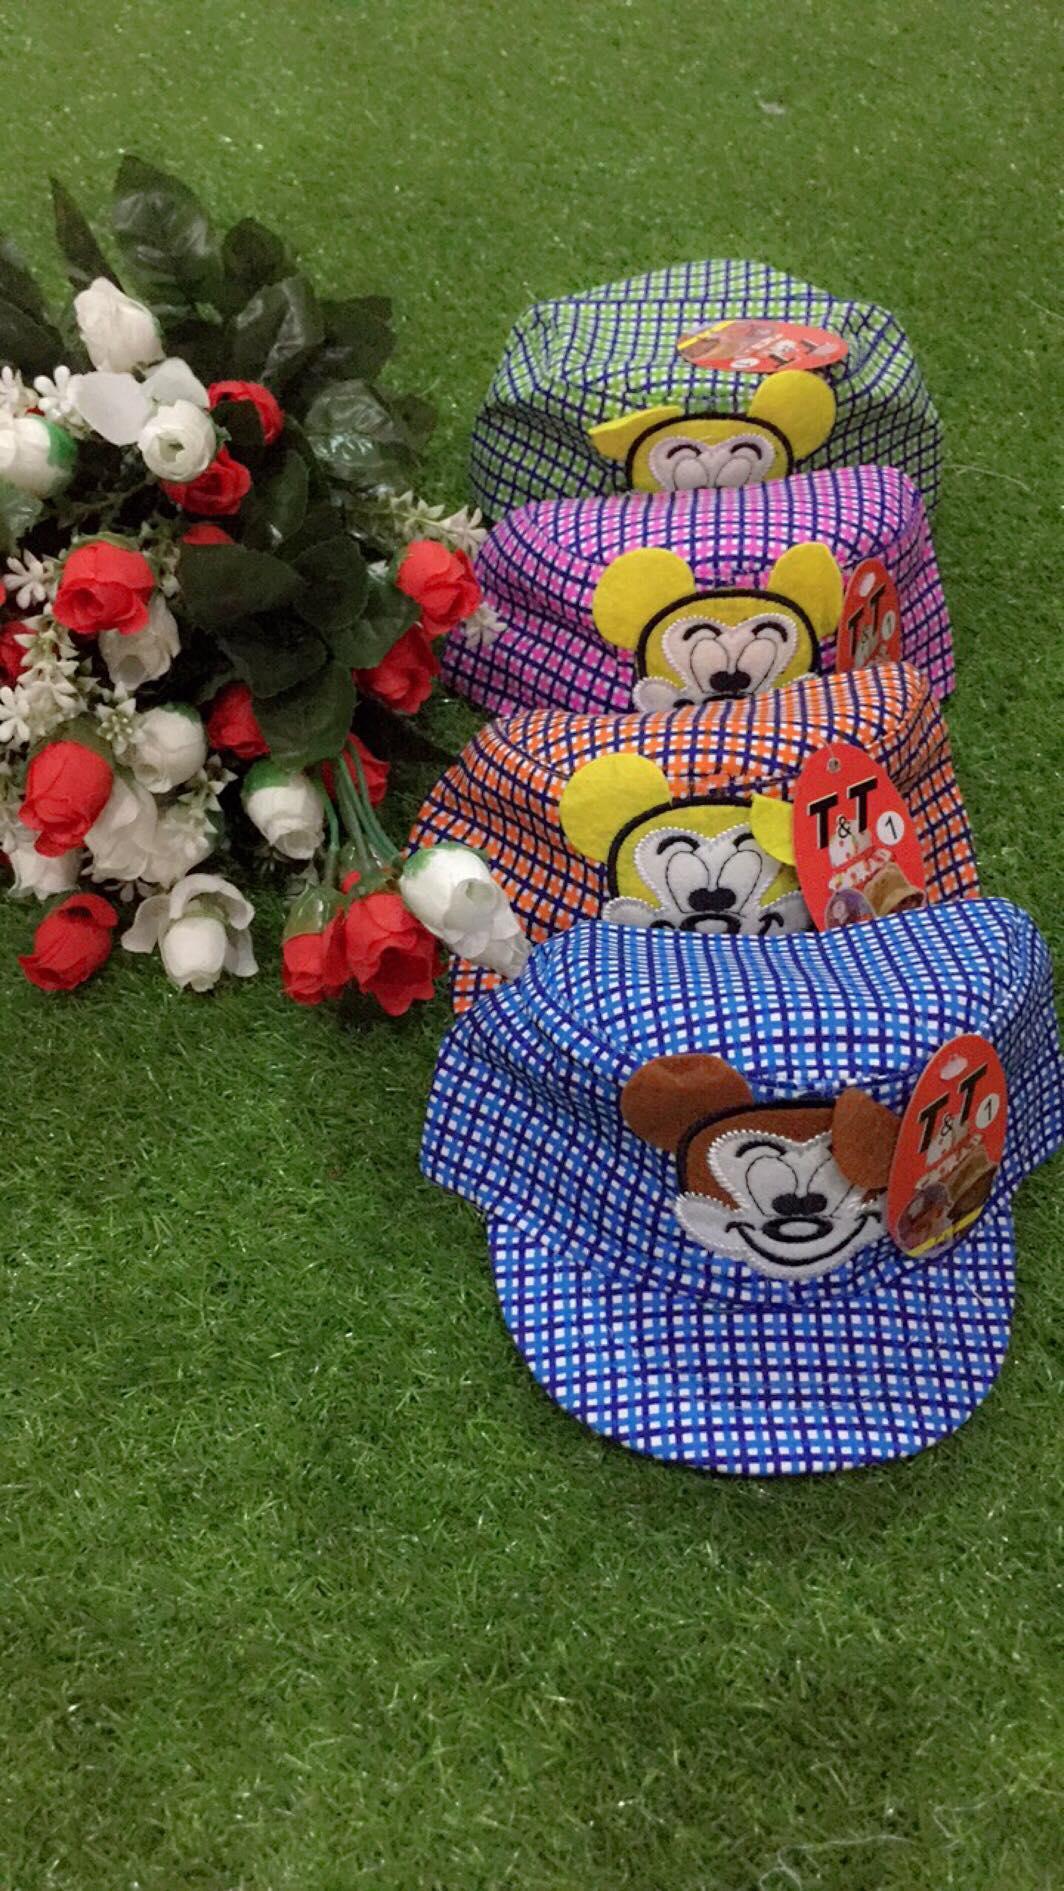 Hình ảnh nón hình gấu rất dễ thương dành cho bé trai có rất nhiều màu( giao màu ngẫu nhiên)